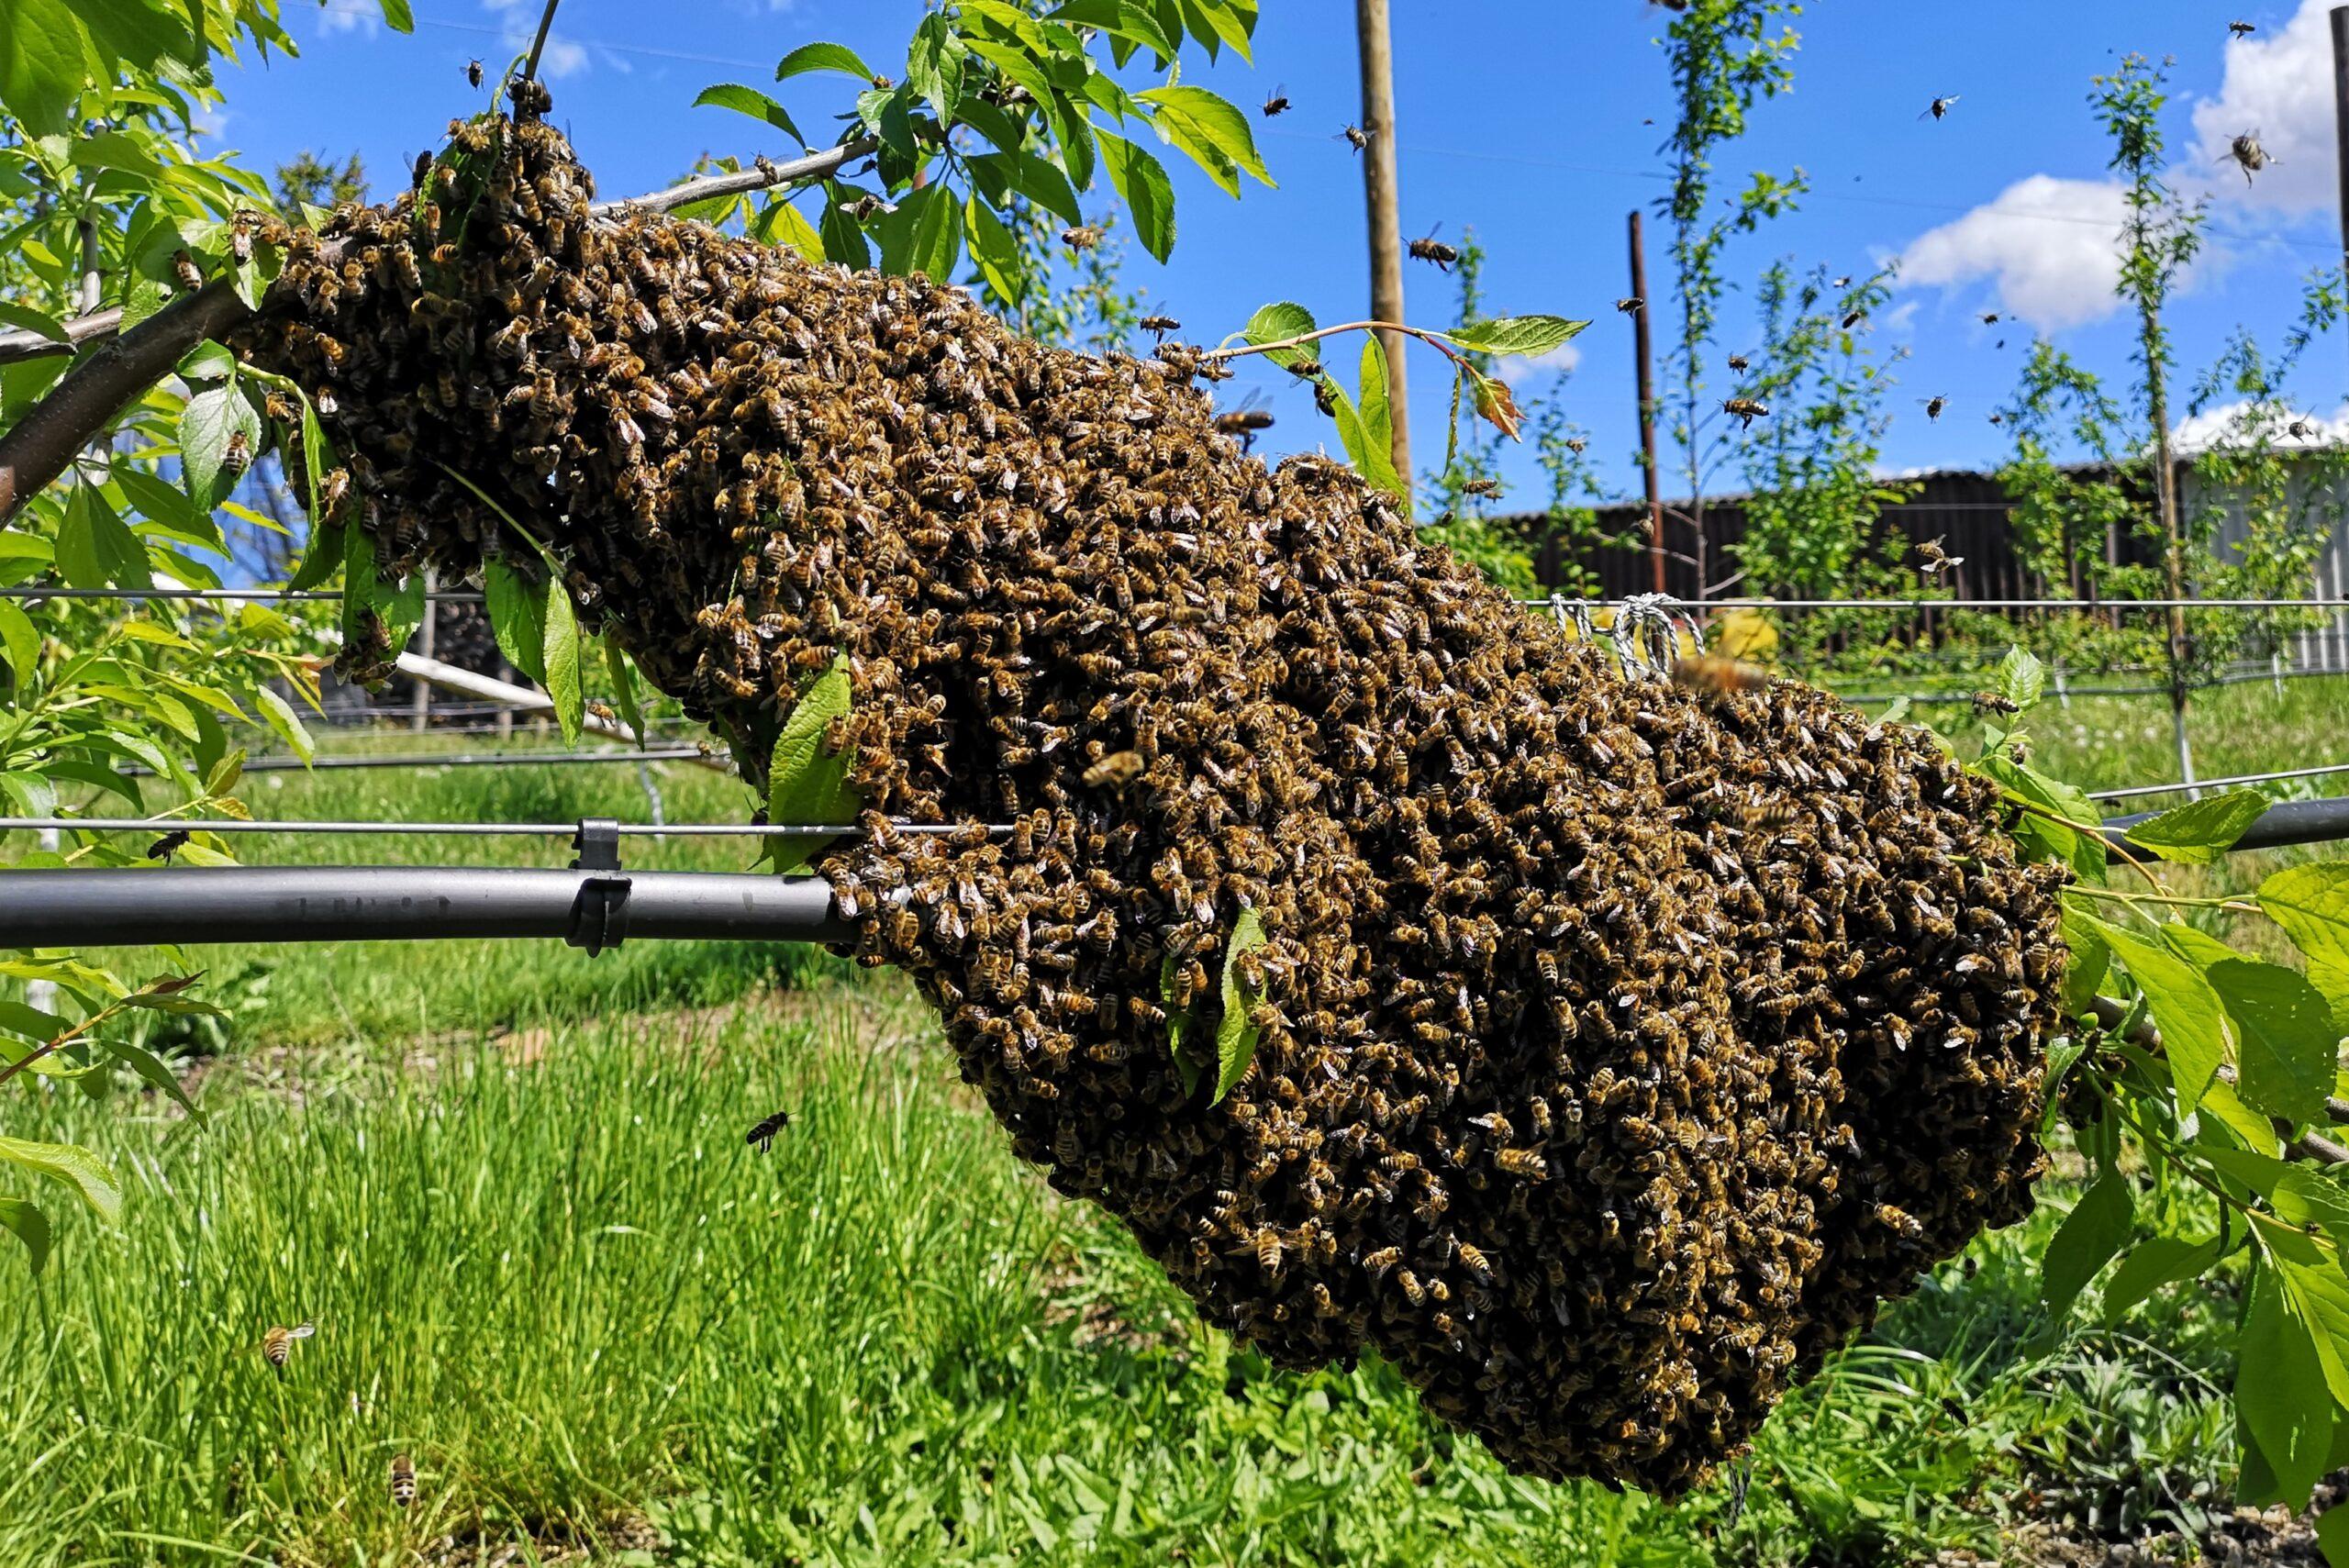 Bienenschwarm an Zwetschgenbaum